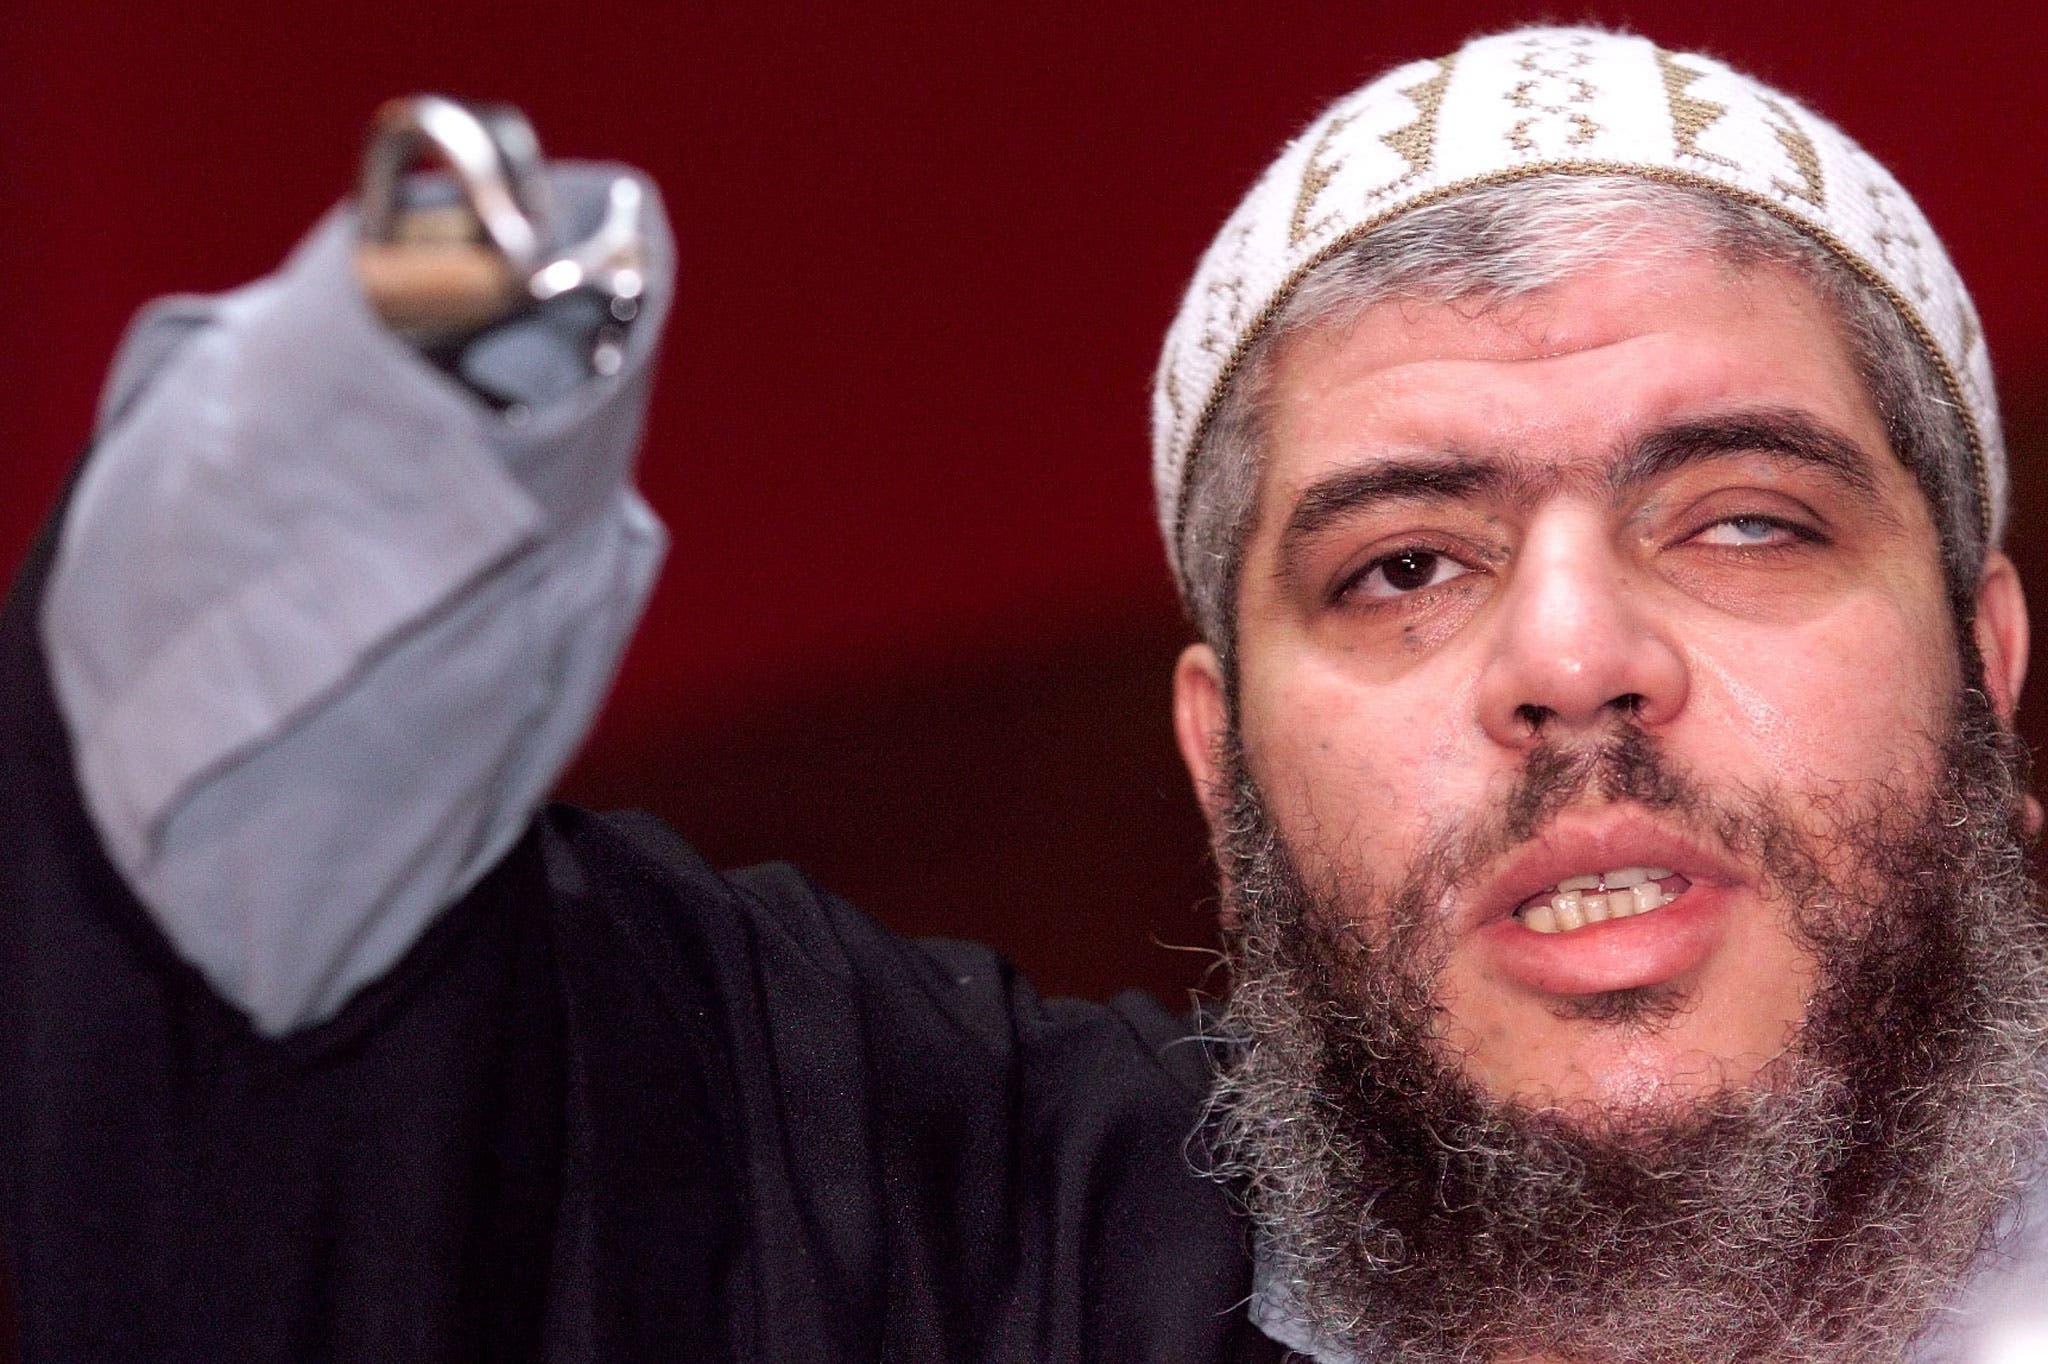 Abu Hamza reuters